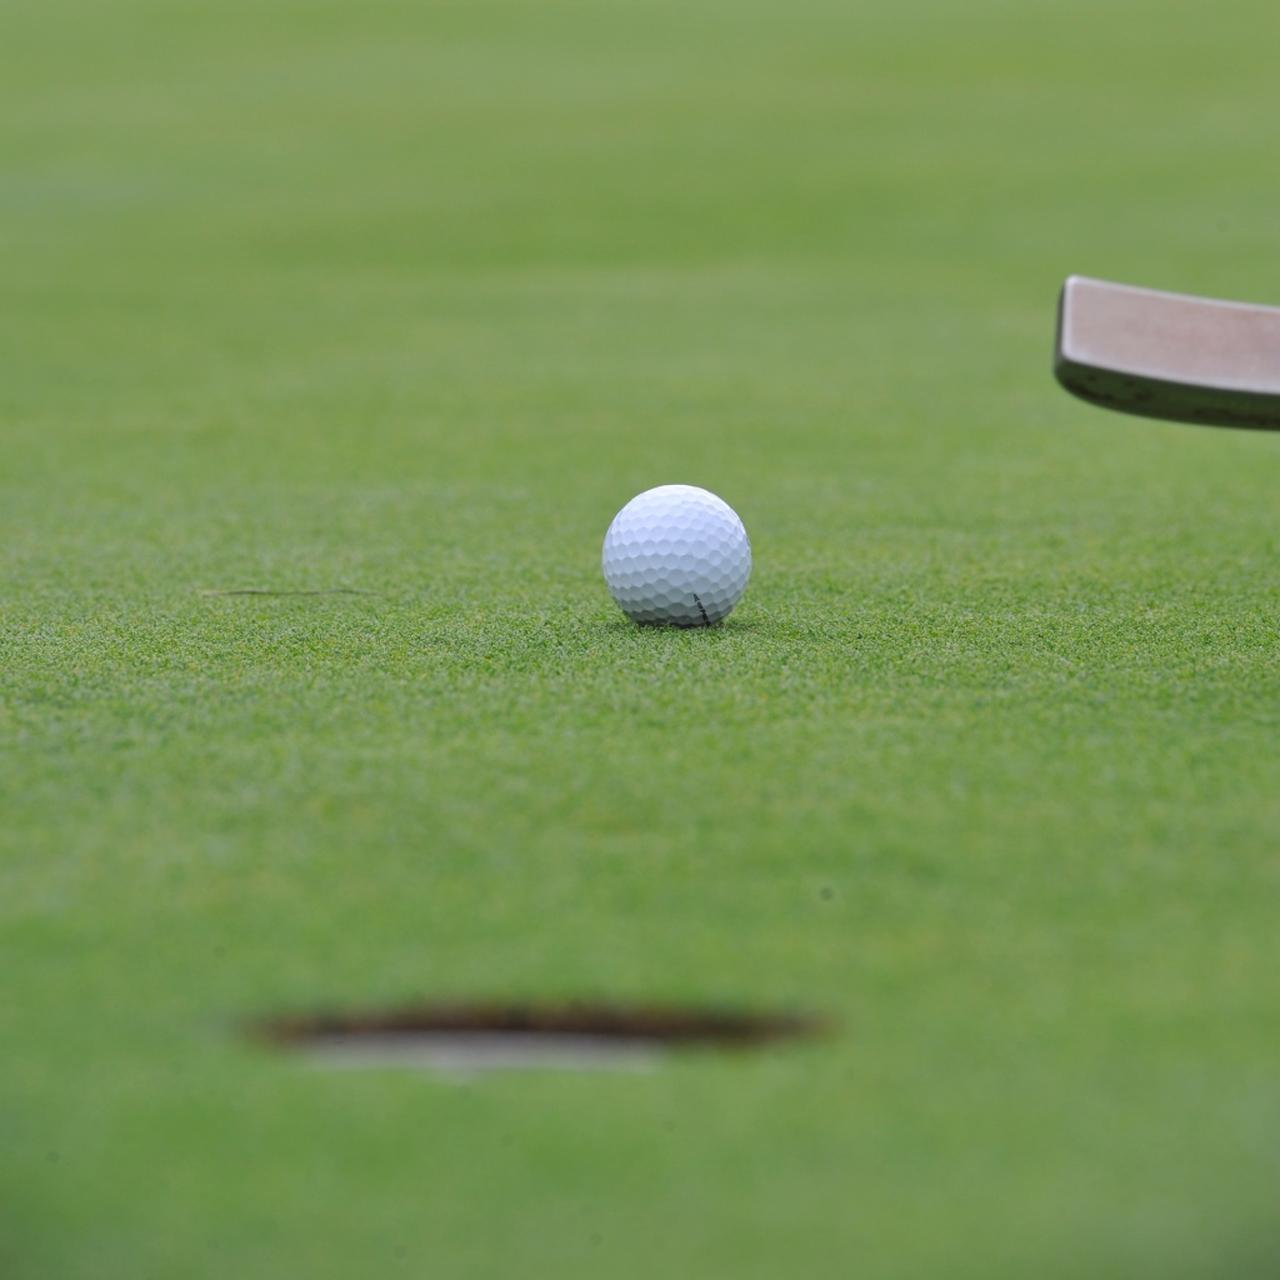 画像: カップから「靴一つ」離れてボールを拾えばカップの周りが痛まない。入るはずのパットが入らない、なんて悲劇も防げる